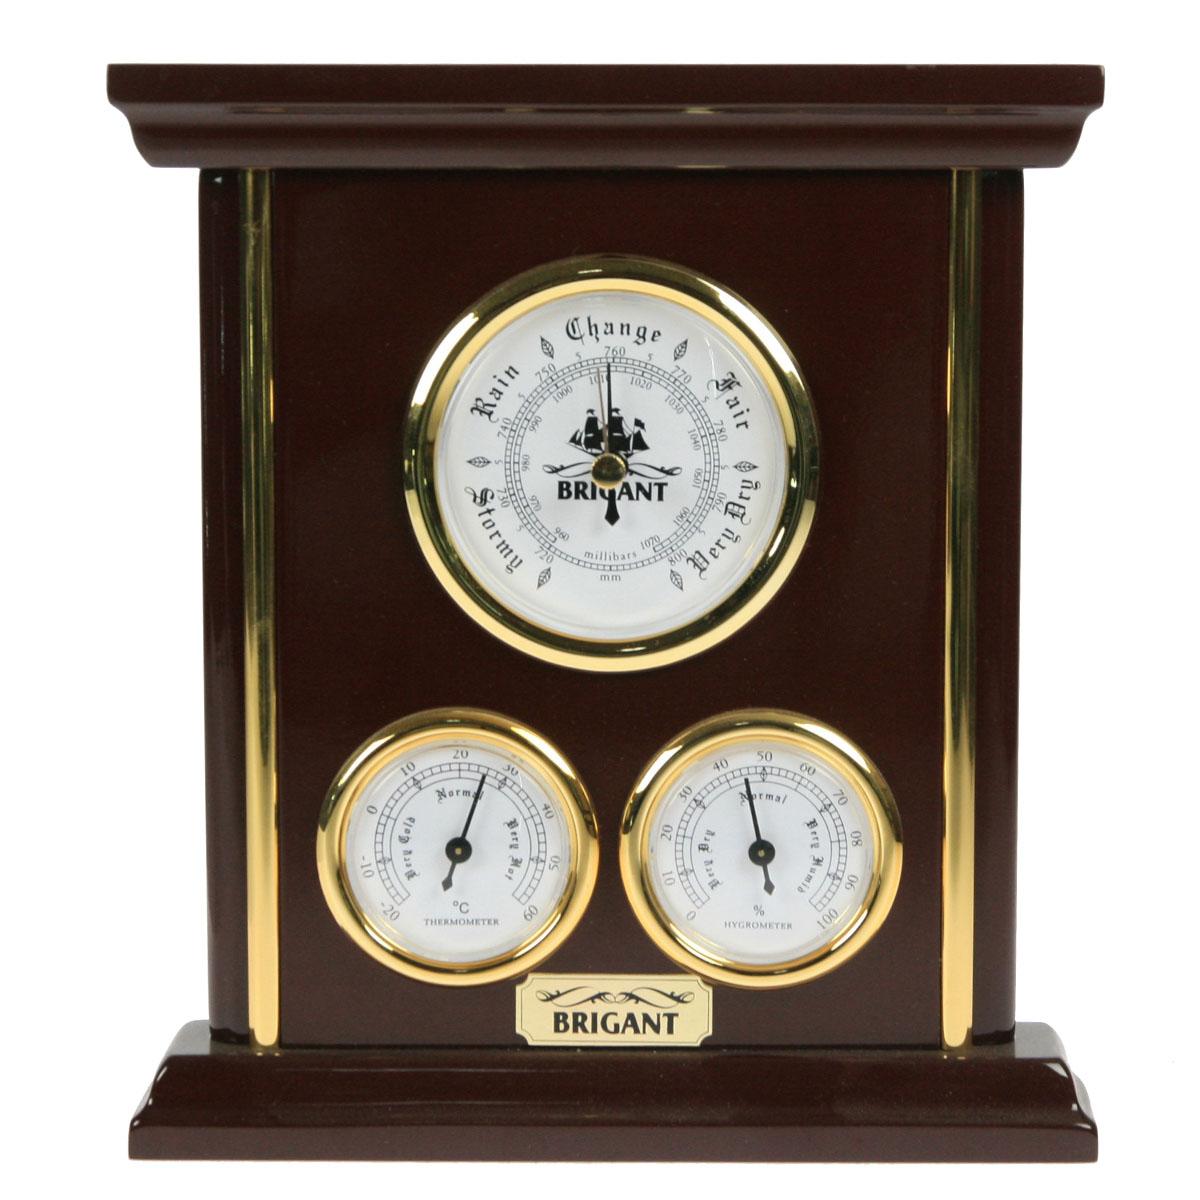 Метеостанция настольная. Барометр, термометр, гигрометр. 2805228052На панели расположены три прибора, которые одновременно показывают давление (барометр), температуру (термометр) и влажность (гигрометр) воздуха. Хромировка под золото и благородный цвет панели сделают этот предмет настоящим украшением вашего интерьера.